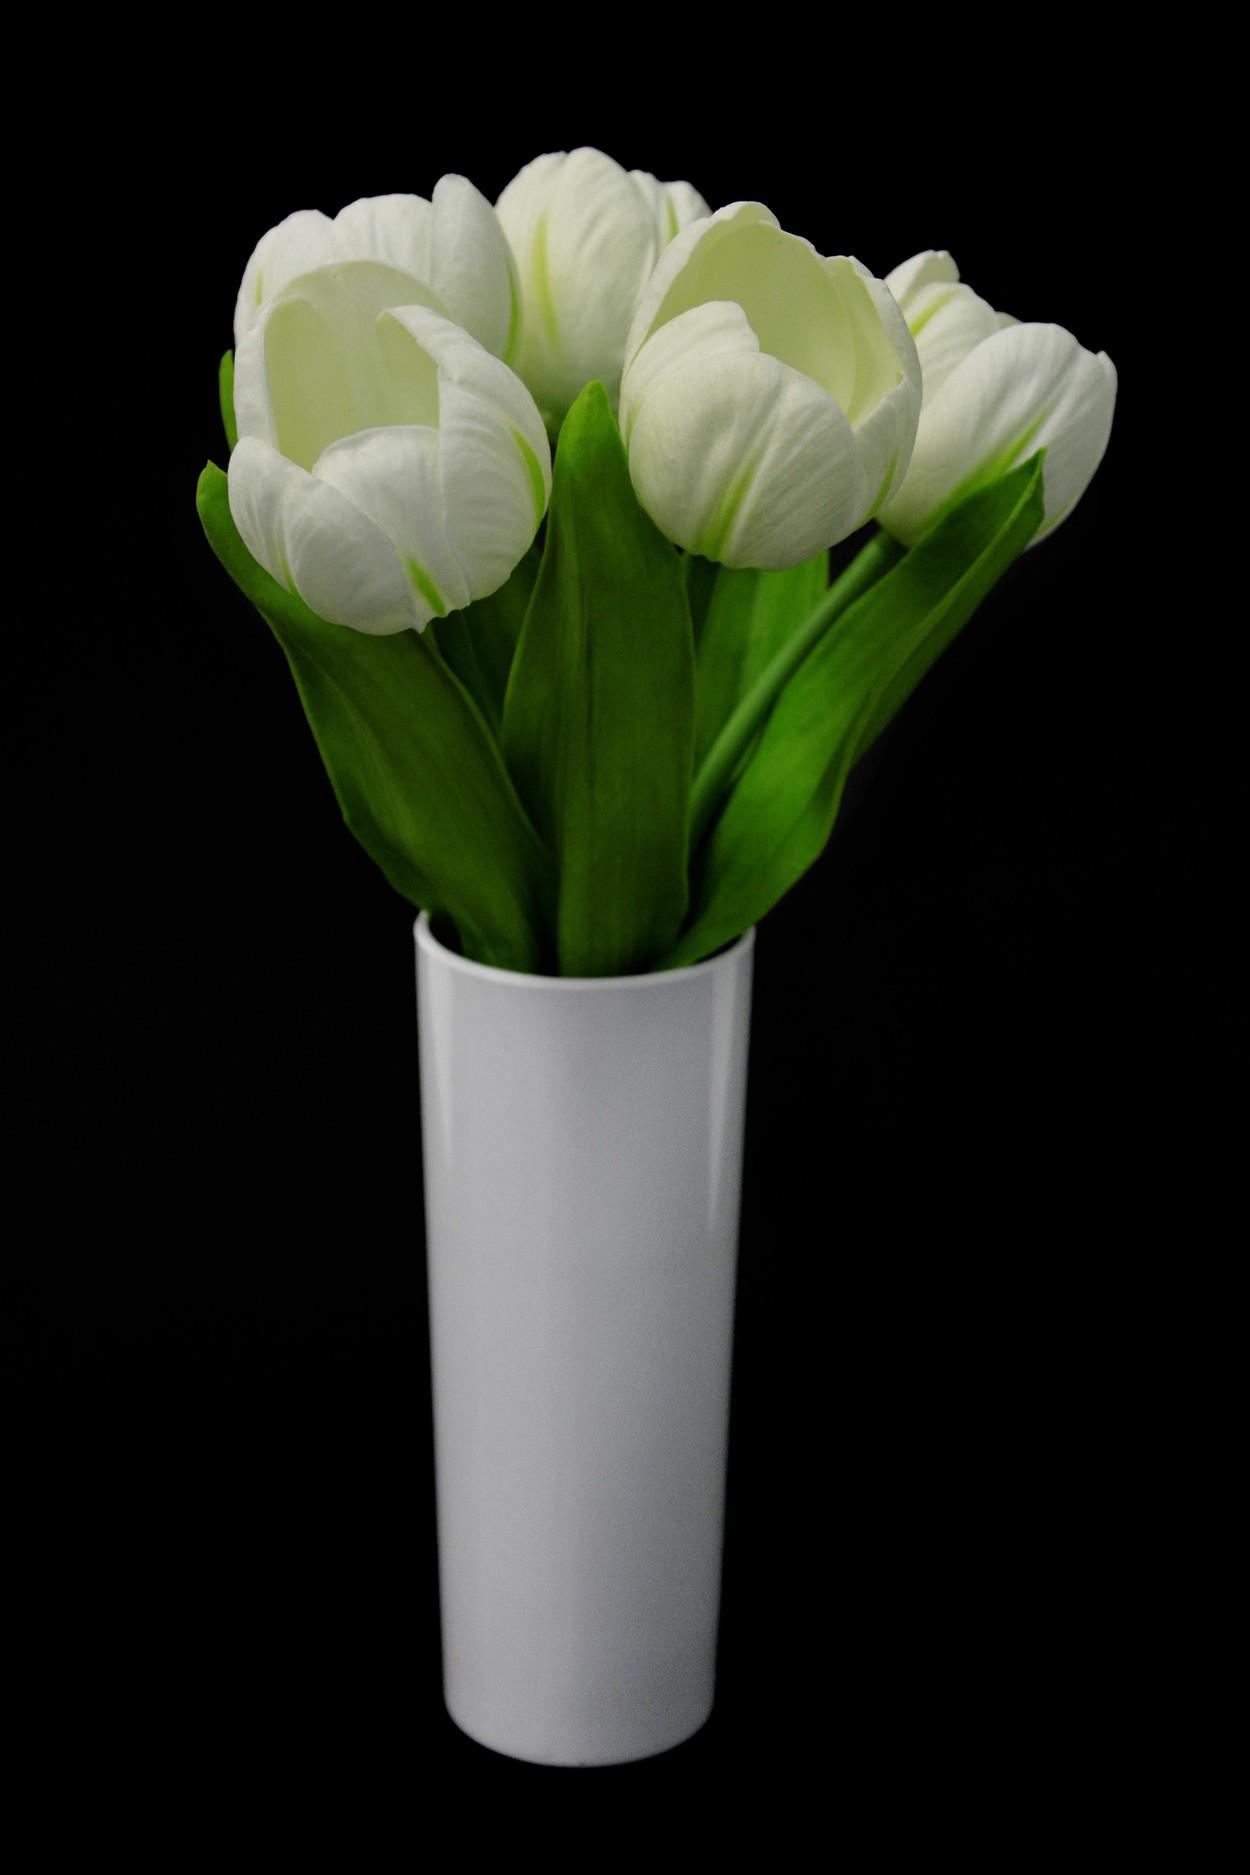 Светильник Тюльпаны (белые) в Москве